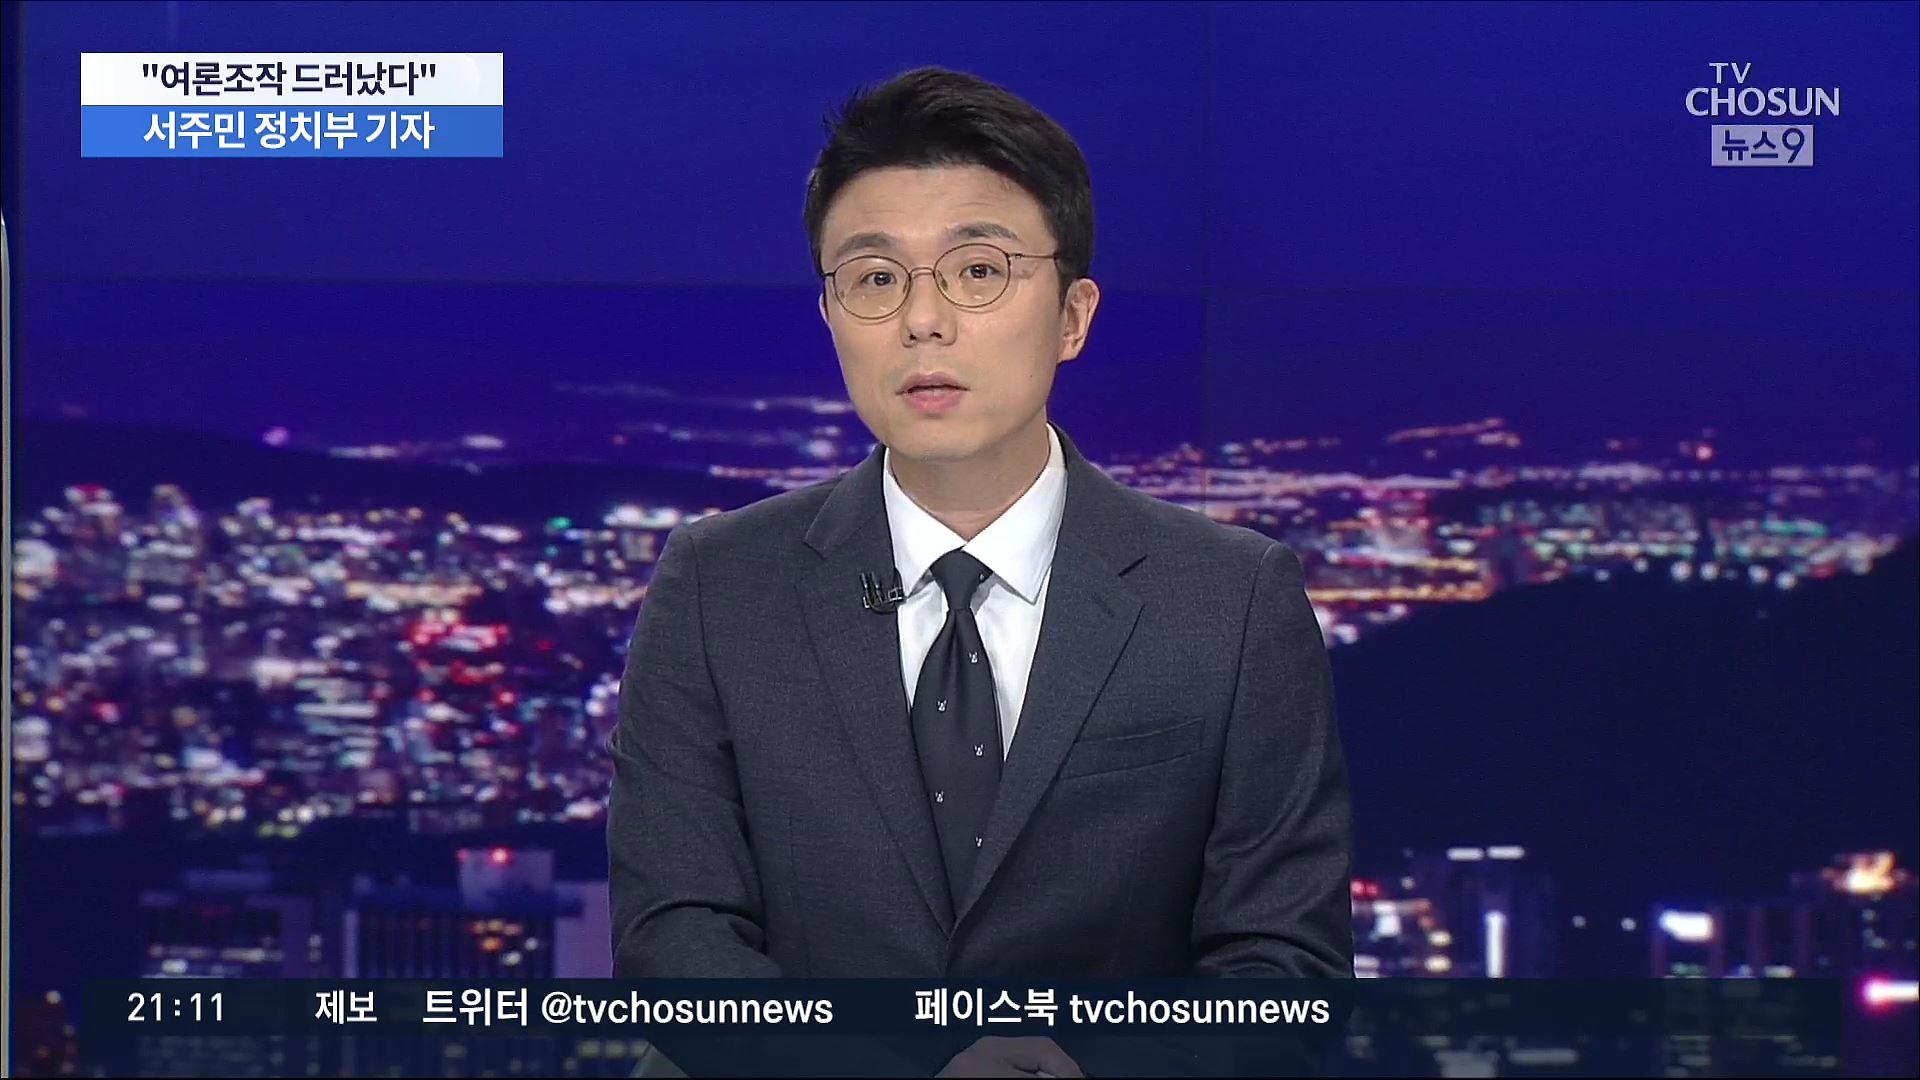 김경수 항소심 '대선 개입 의도' 인정…파장은?